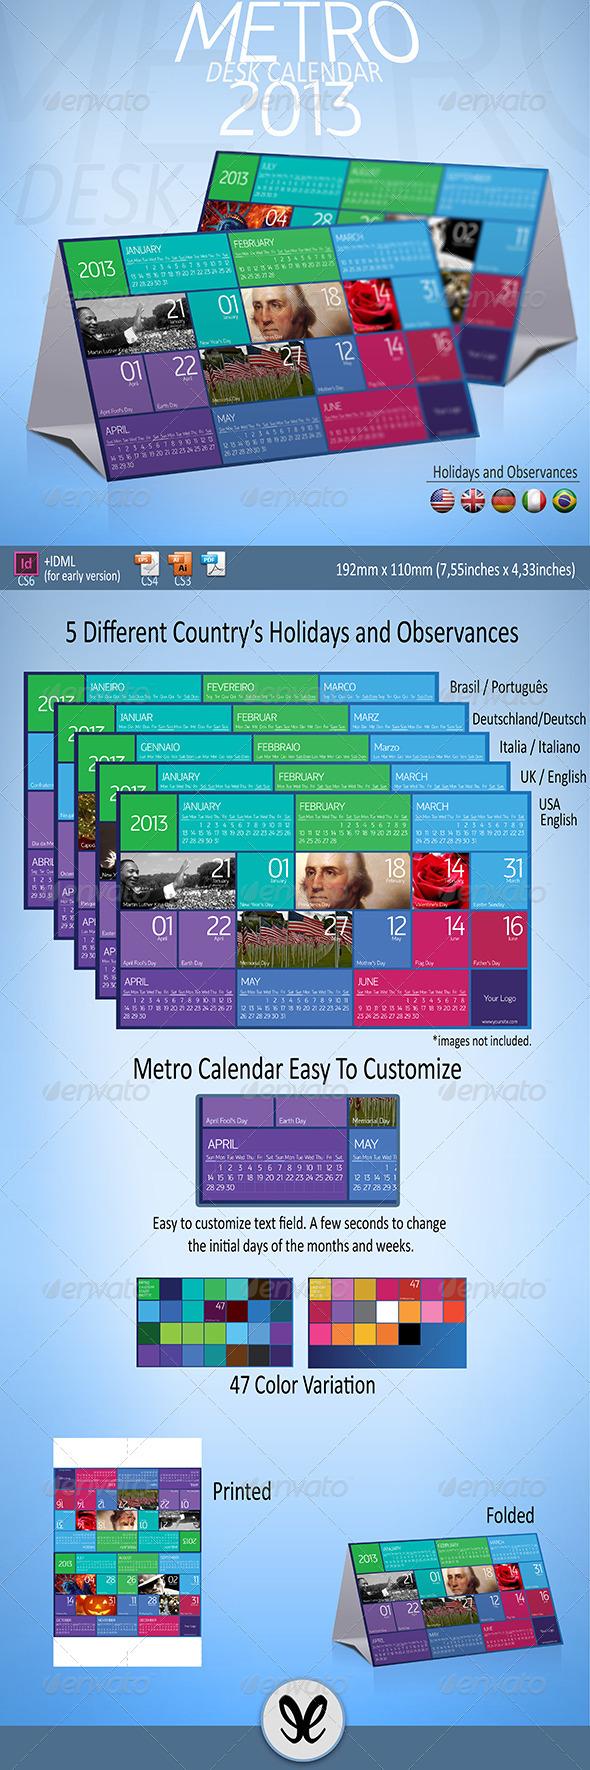 Metro Calendar 2013 / Desktop